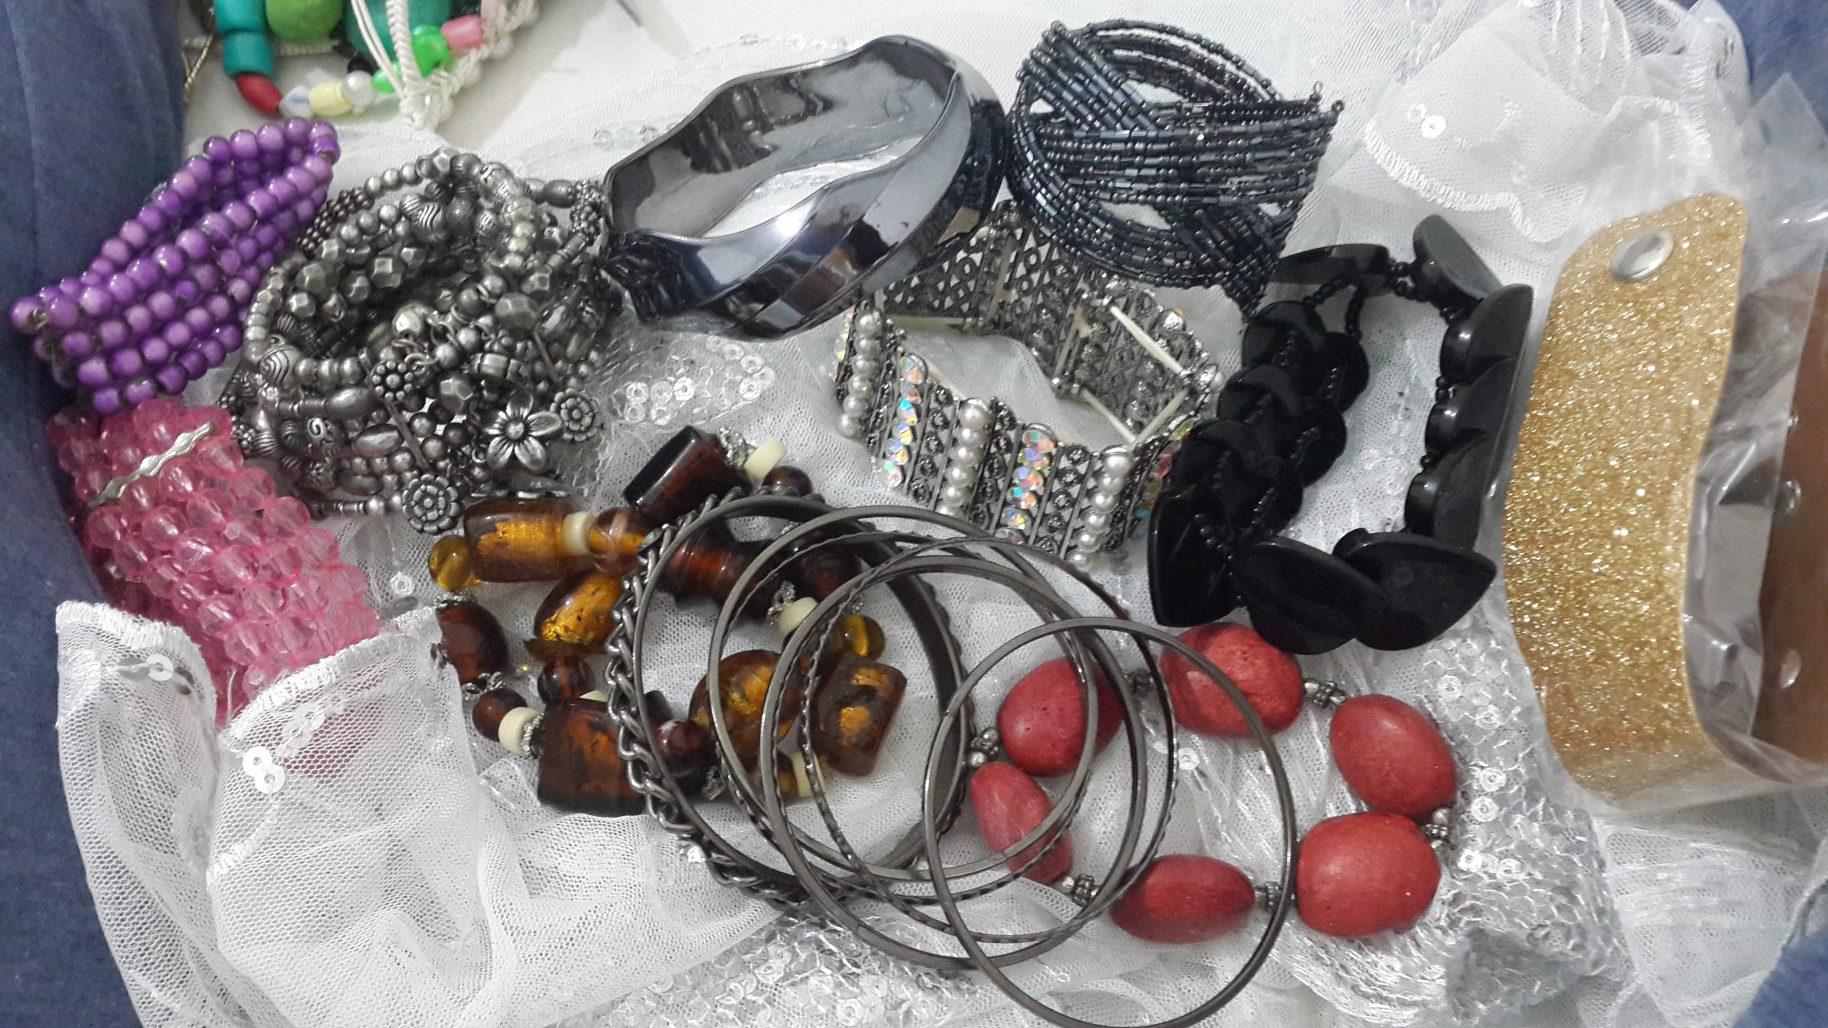 תמונות נוספות של מבחר תכשיטים בזול